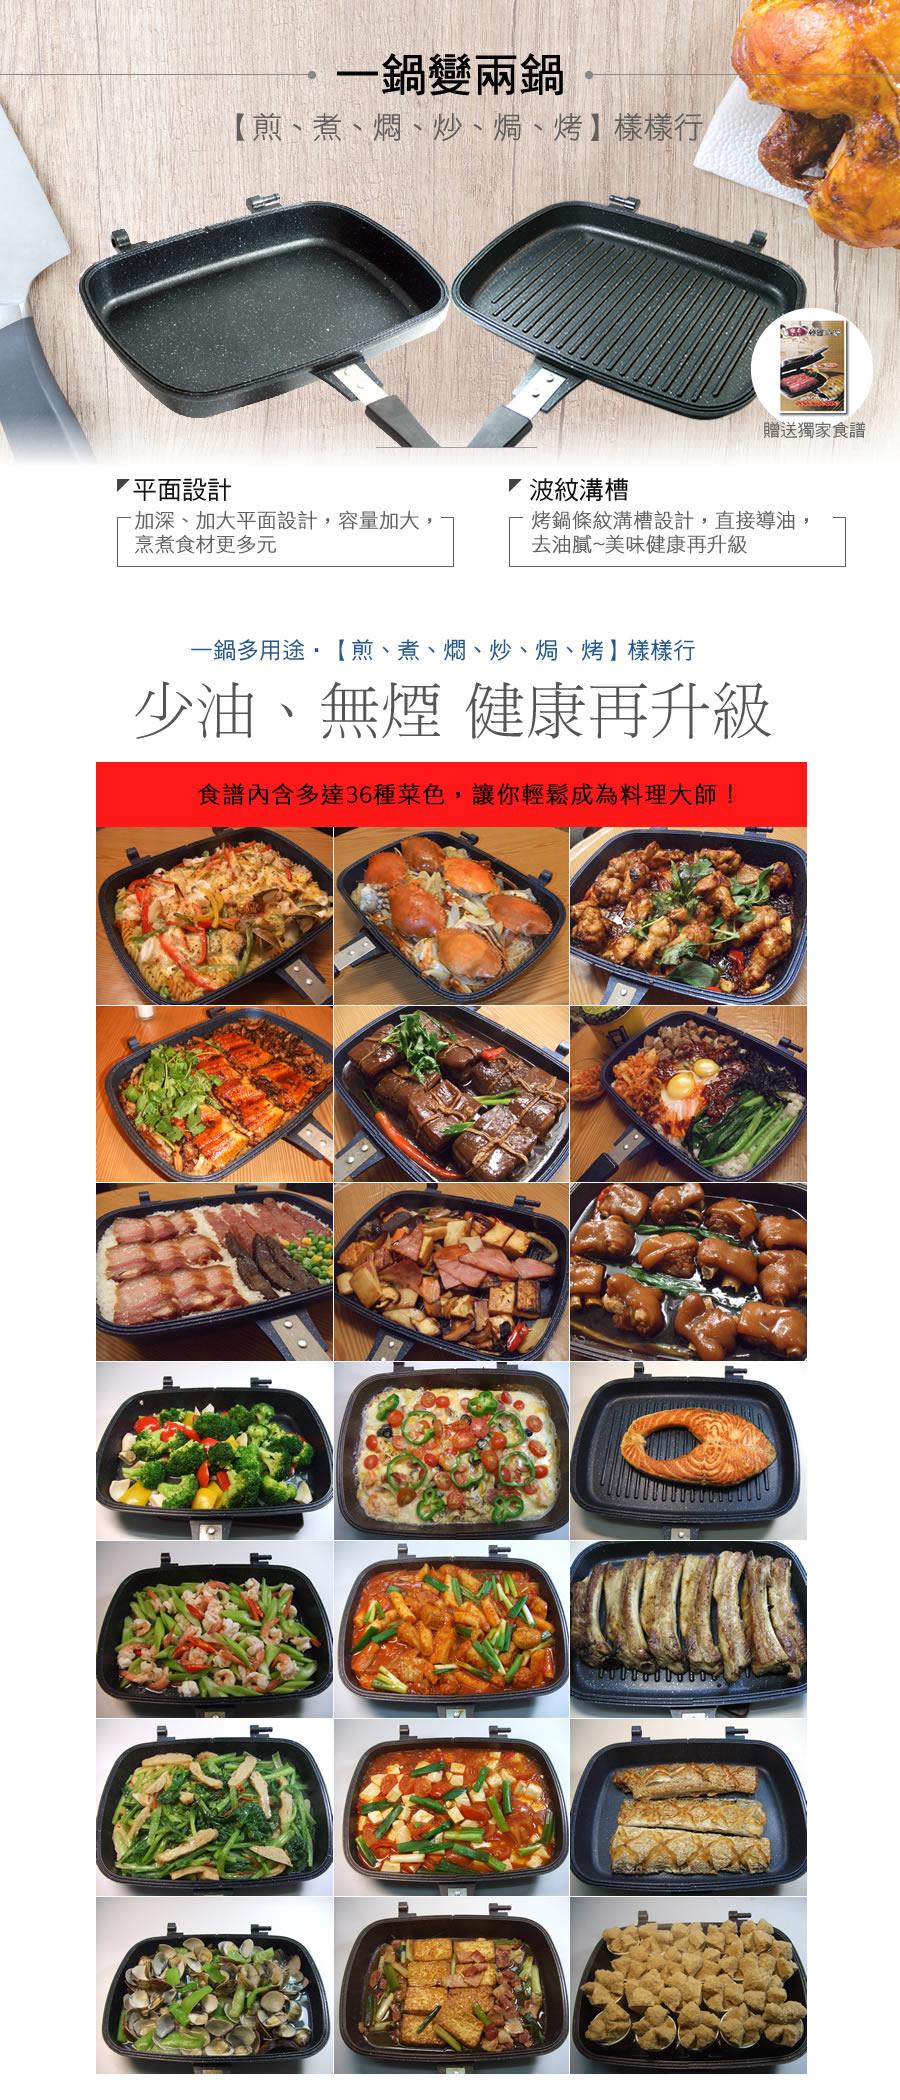 雙面鍋料理菜色多樣化